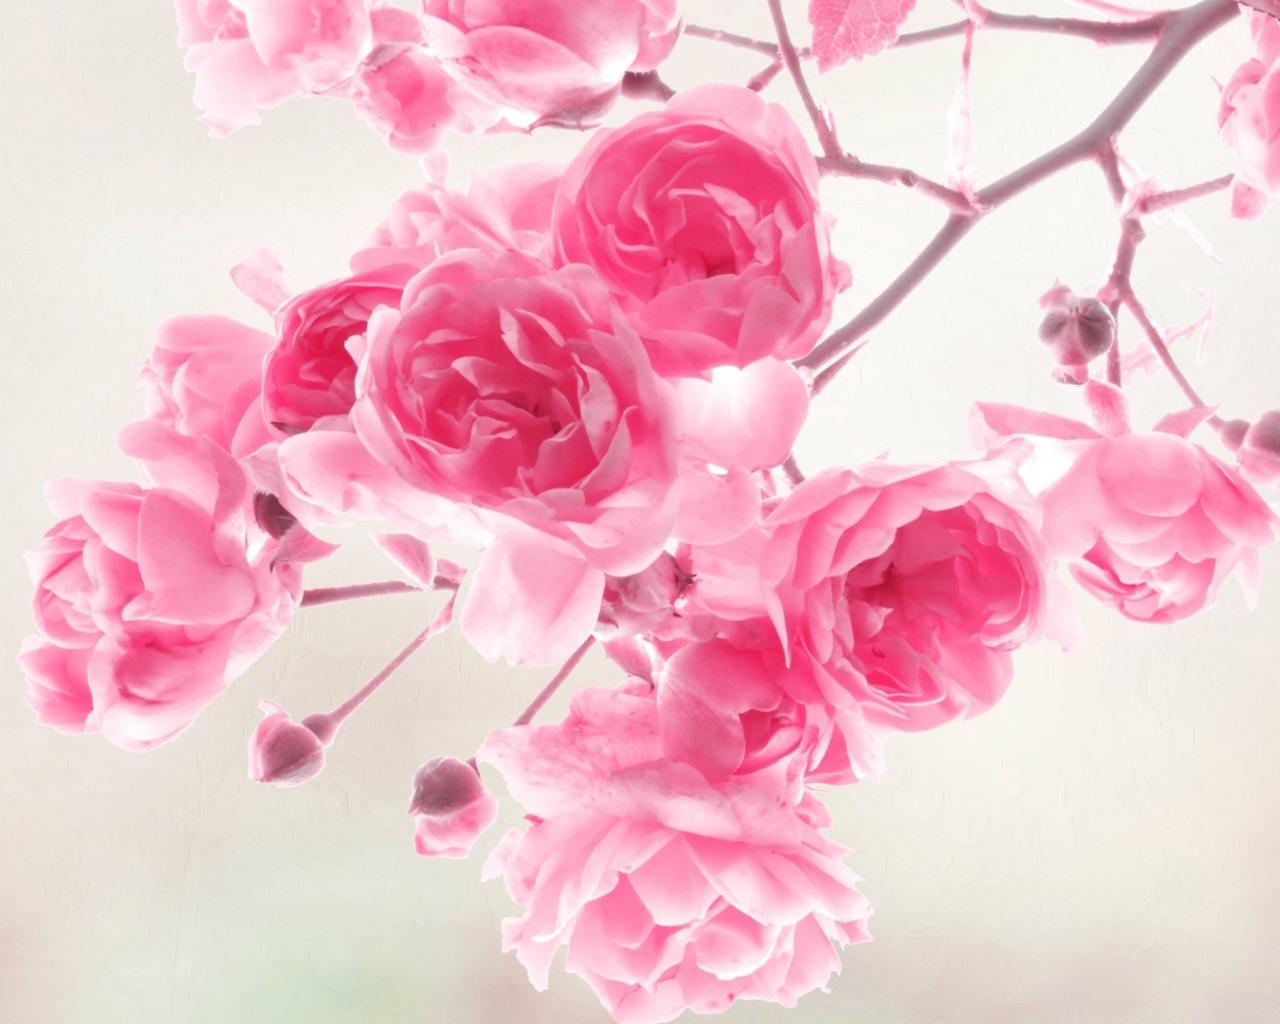 обои для раб стола розовые розы № 583769 загрузить